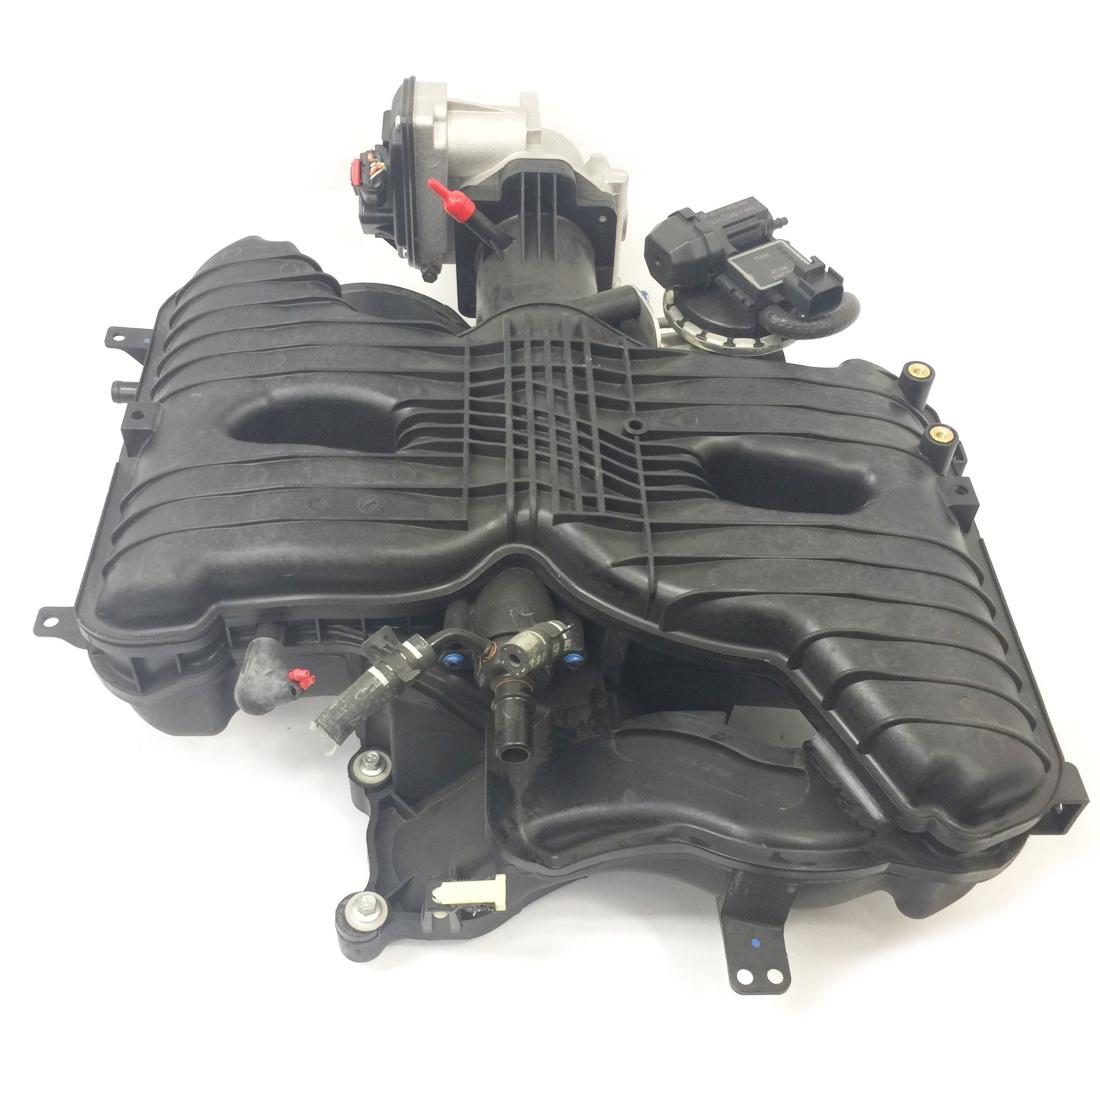 2017 Yukon Slt >> Ford OEM 4.2L Intake 7L3E, 7L3Z9424d (COMPLETE) F150